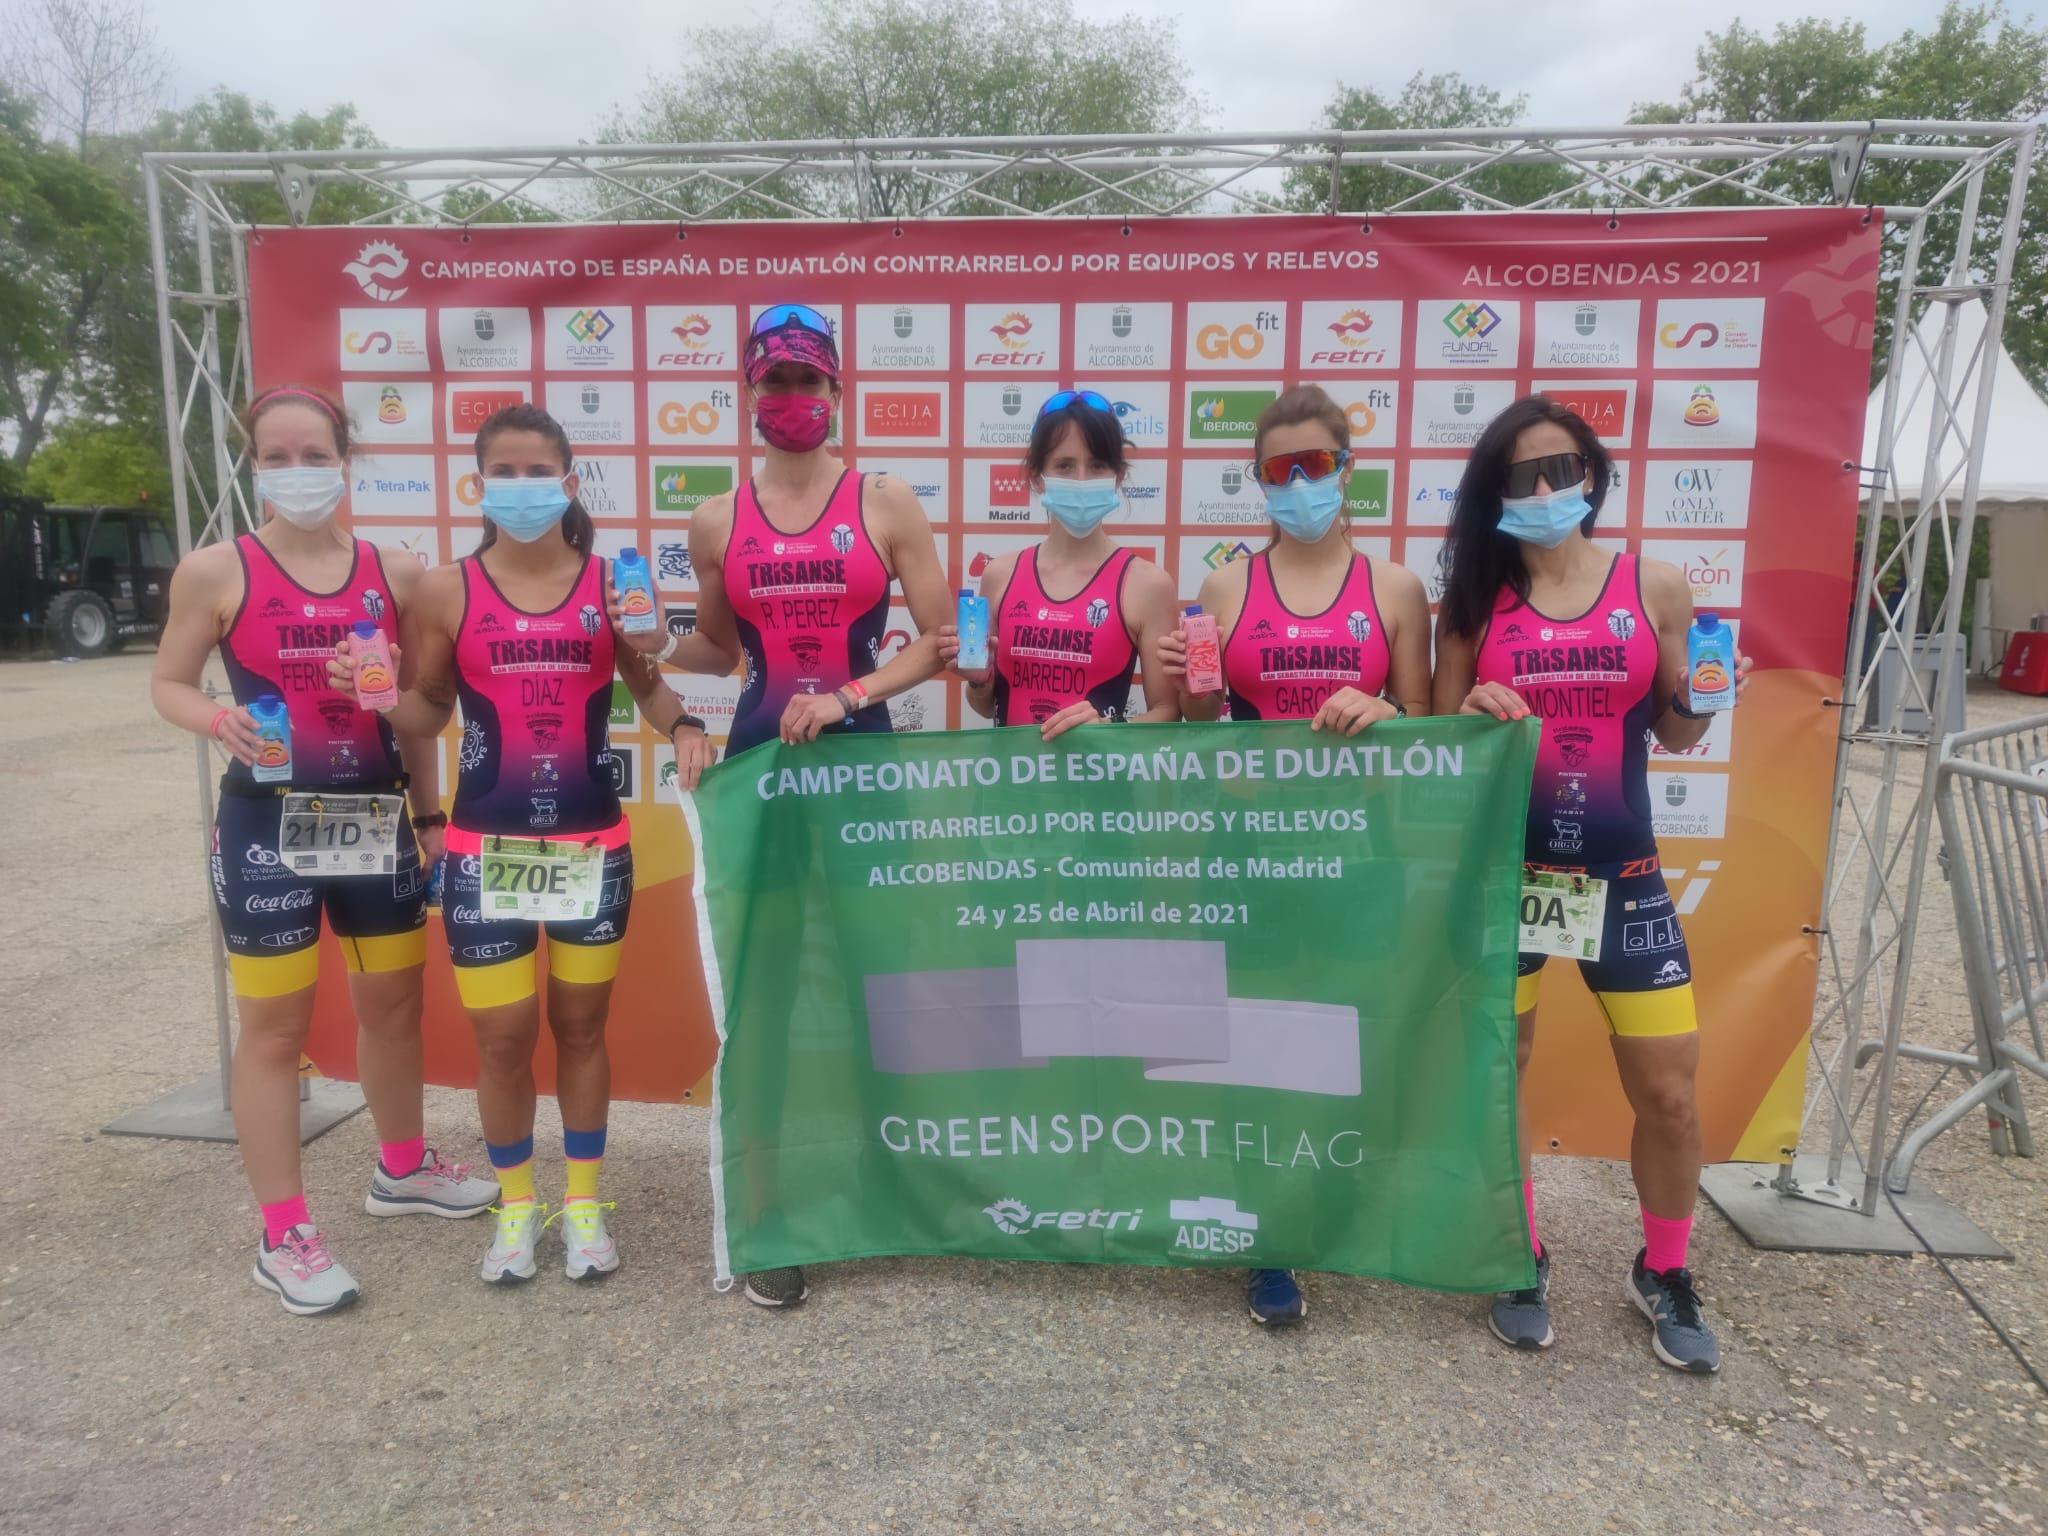 2021 se convierte en el año de las competiciones deportivas responsables con el Medio Ambiente en España